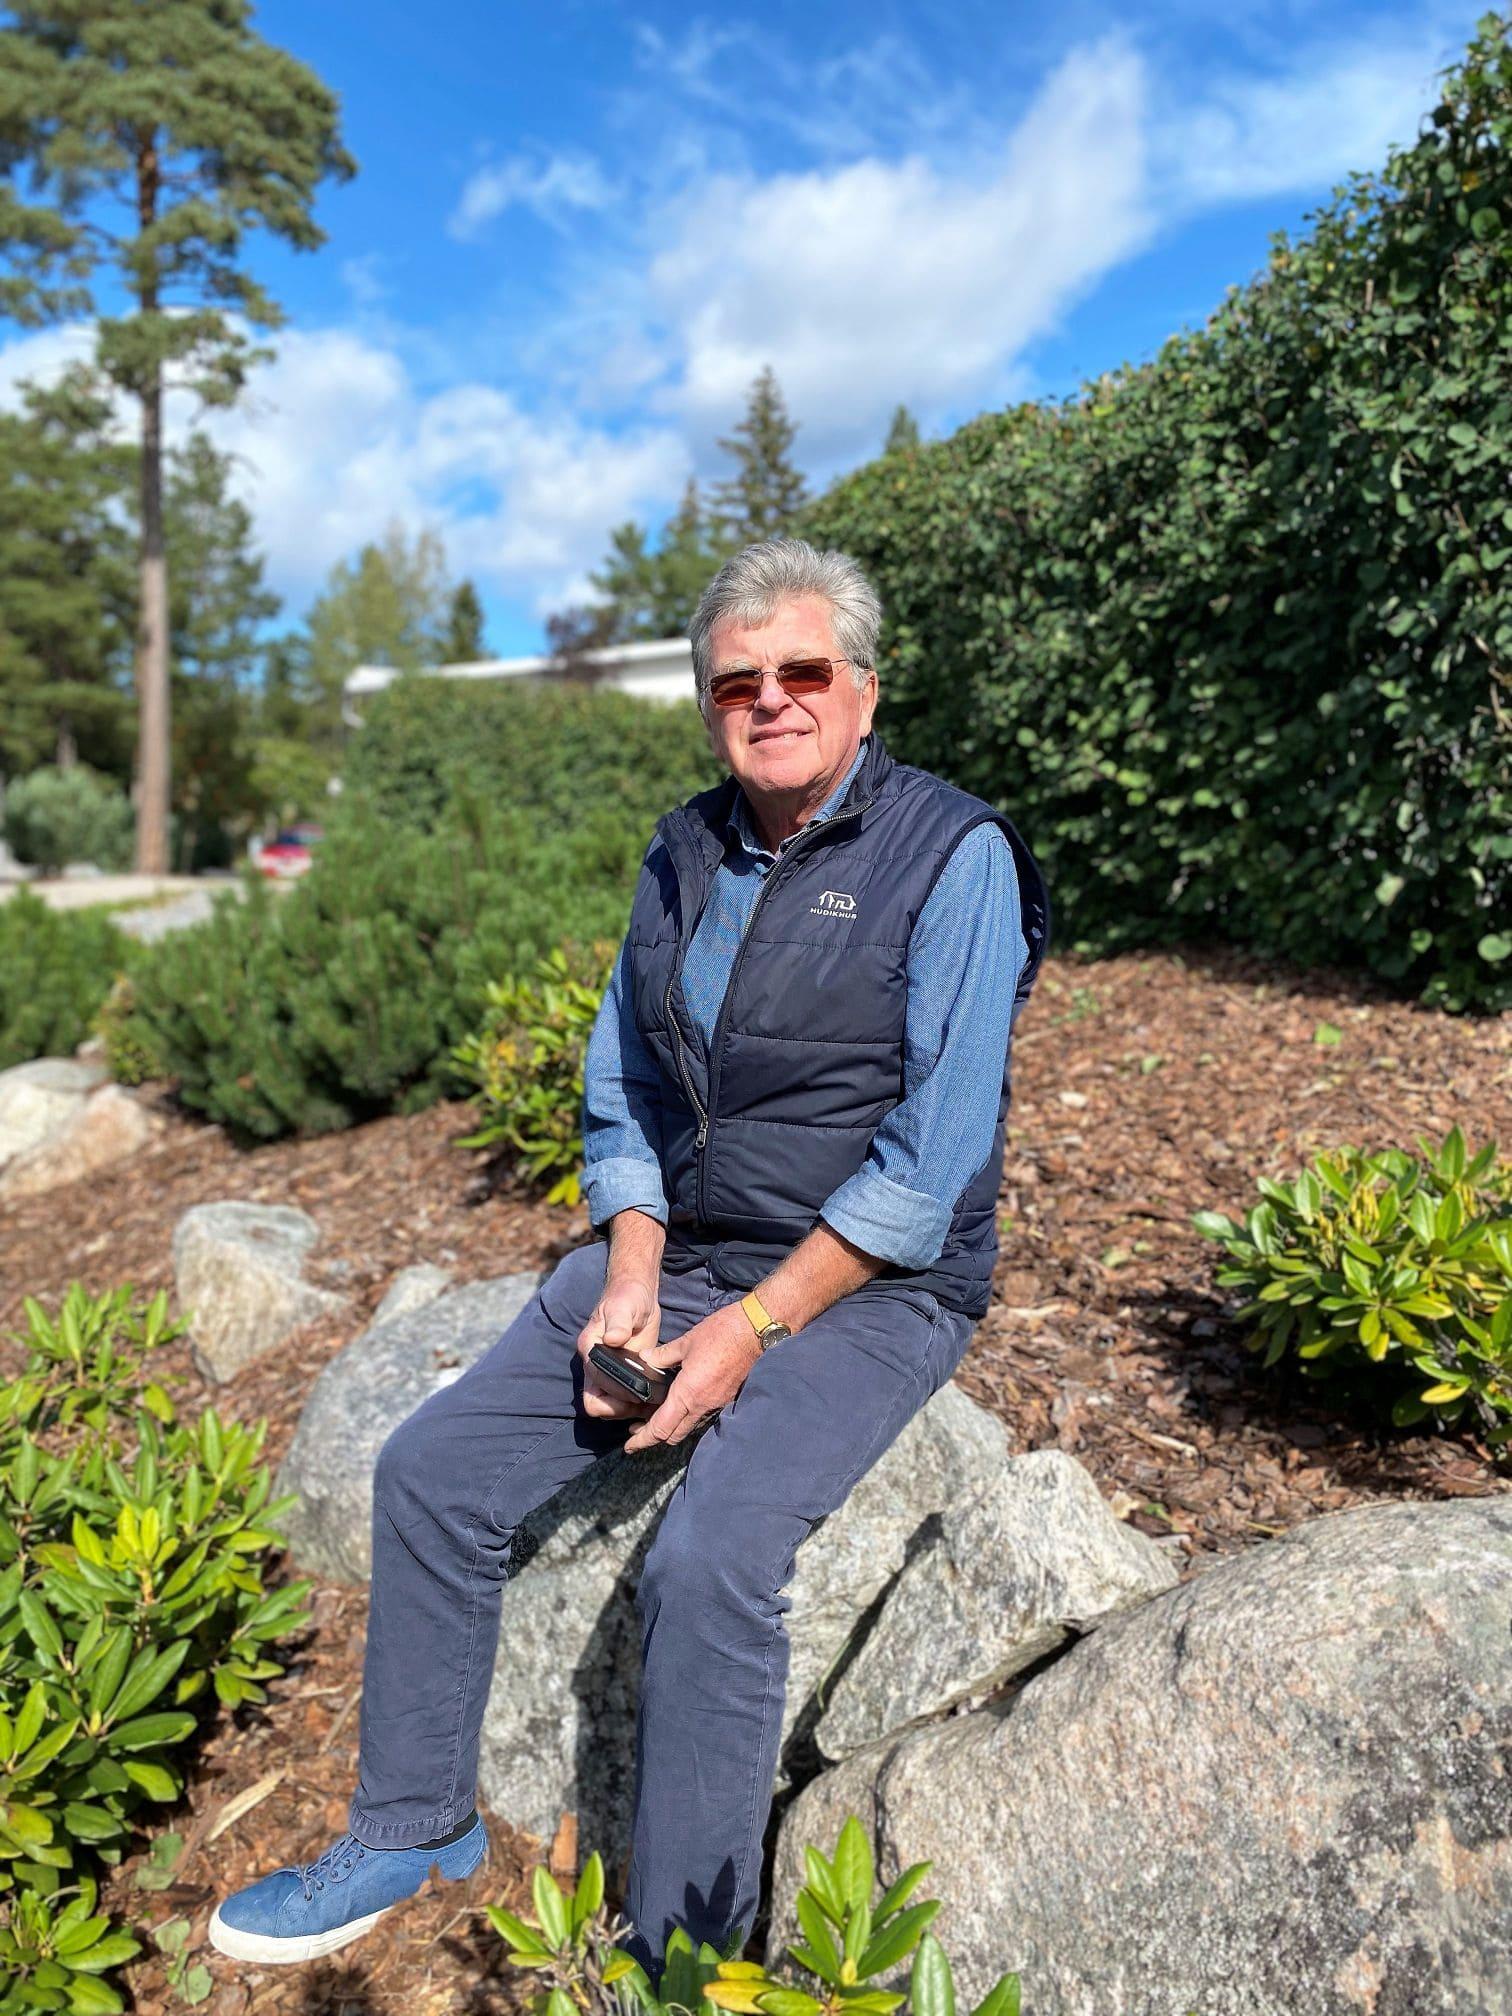 Vårt enda krav var att alla gräsmattor skulle bort till förmån för sten, säger Anders Eriksson